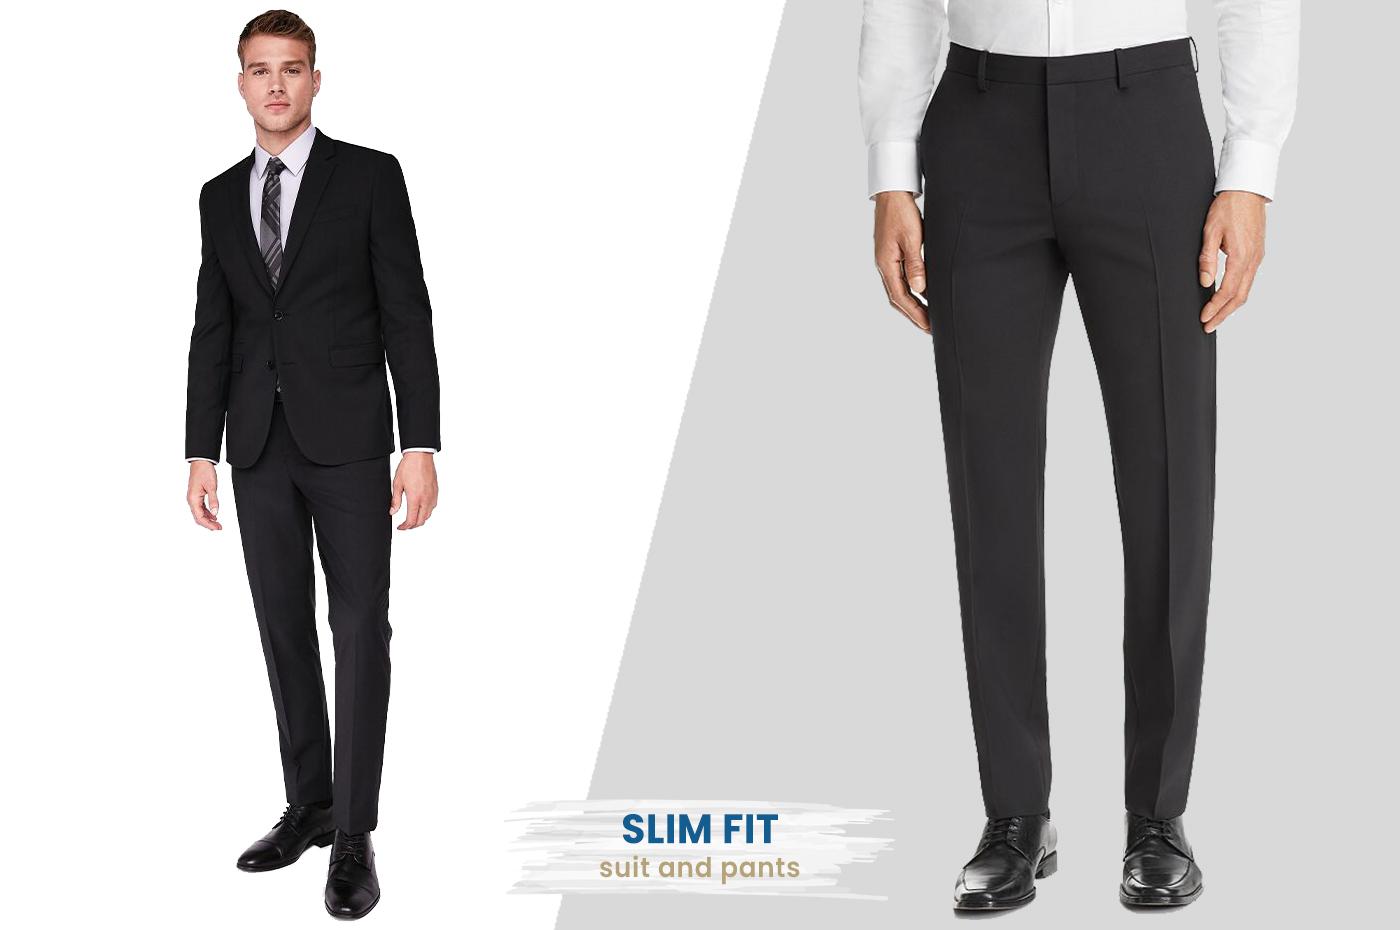 slim fit dress pants with suit